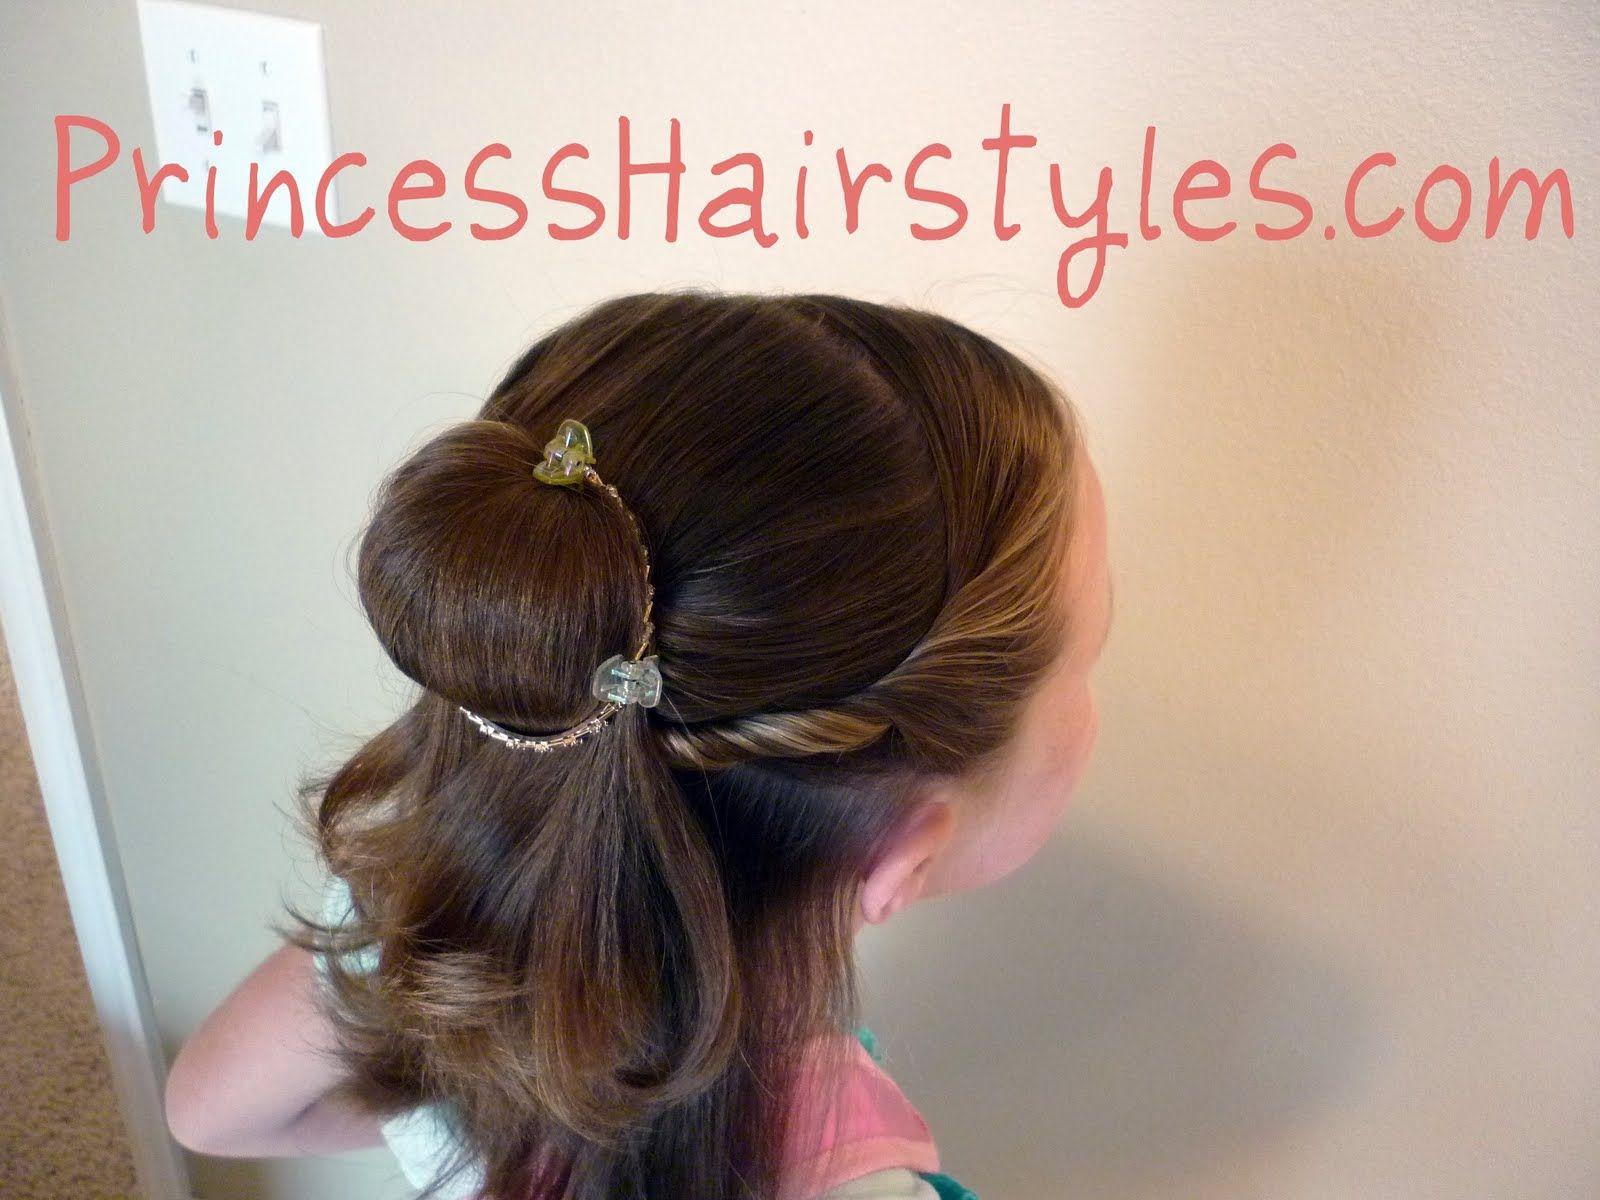 Belle Hairstyle Jpg 1600 1200 Belle Hairstyle Princess Hairstyles Kids Hairstyles